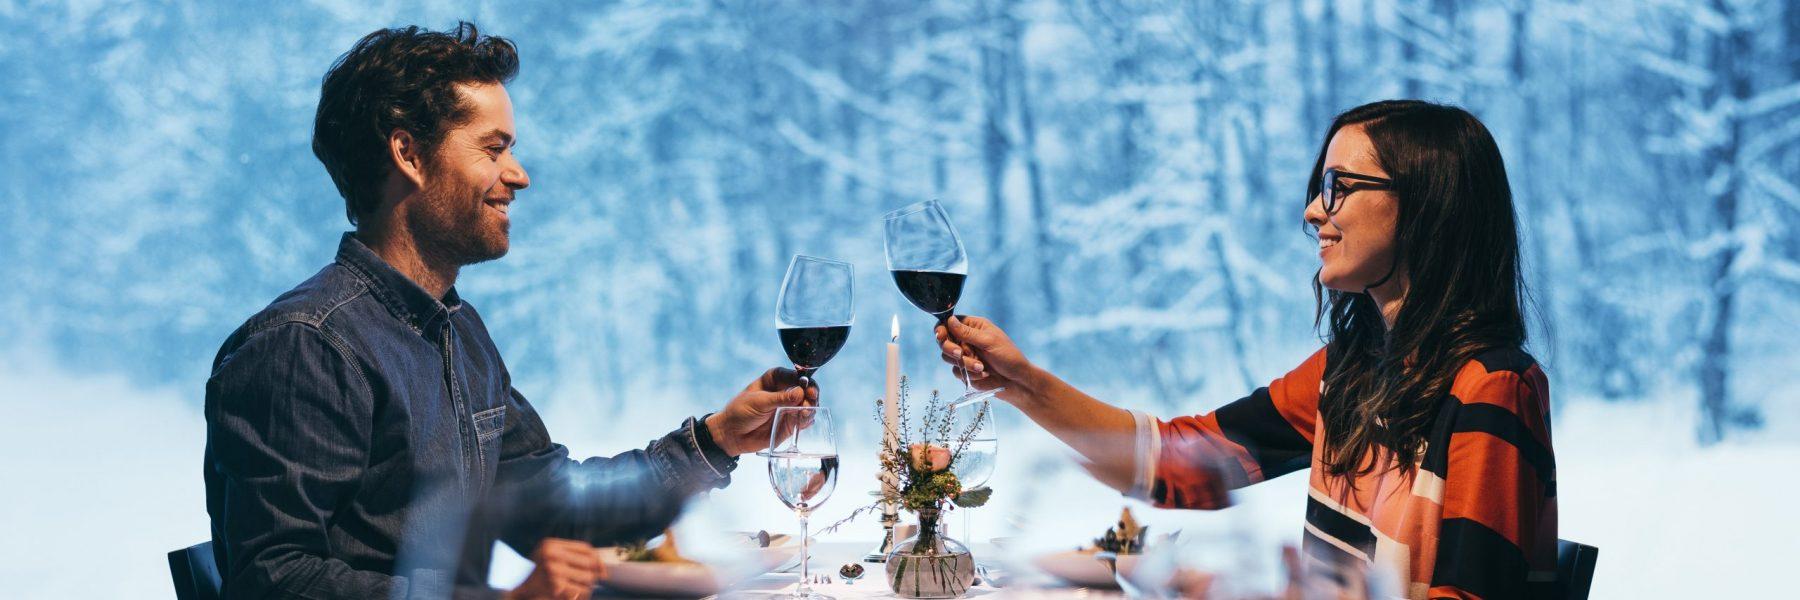 Winter Abendessen